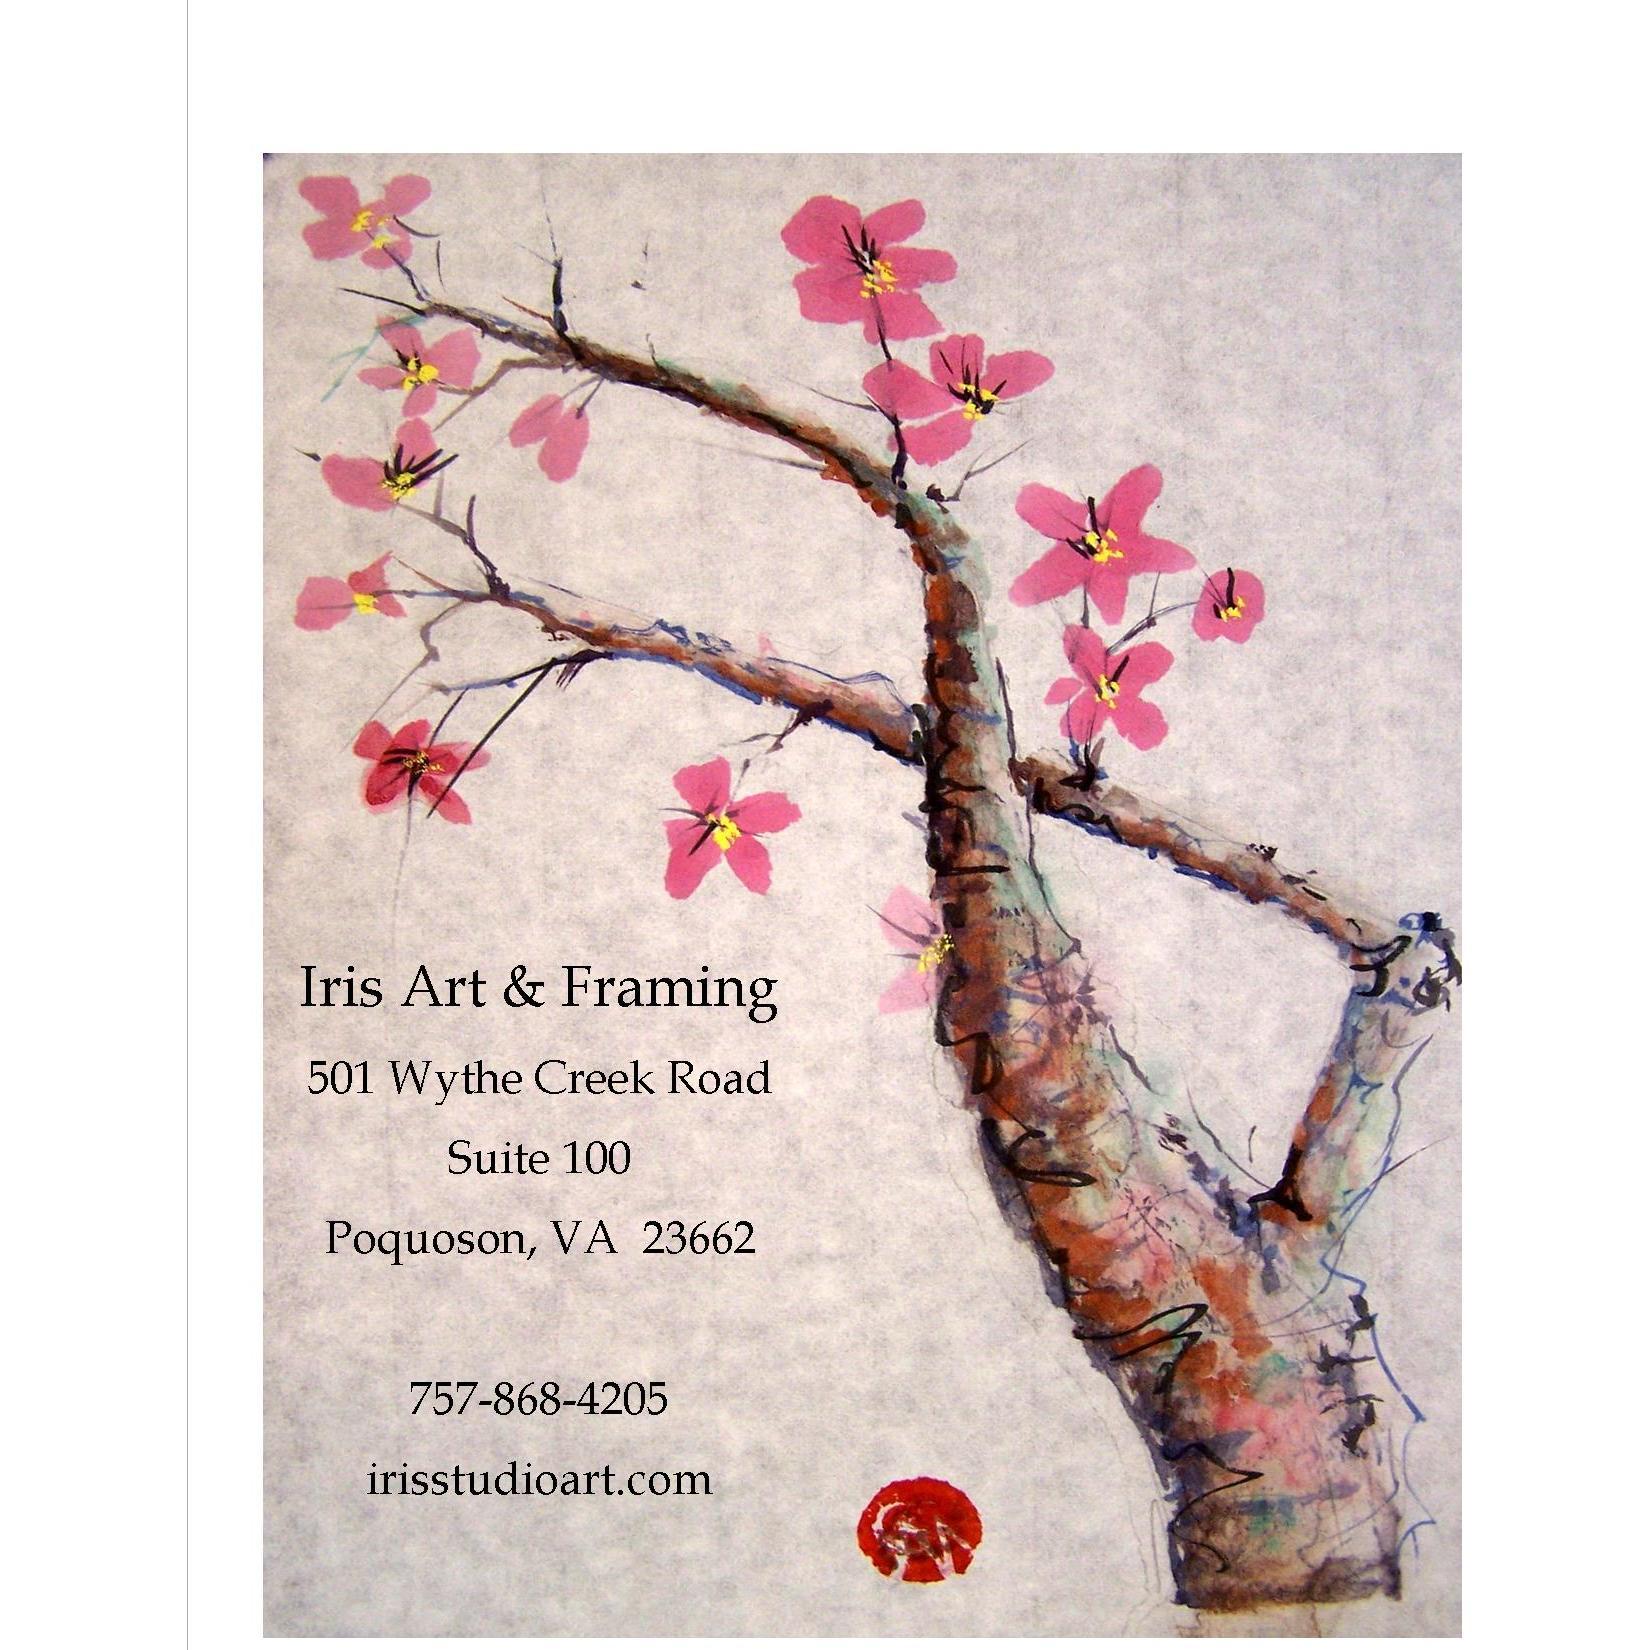 Iris Art & Framing